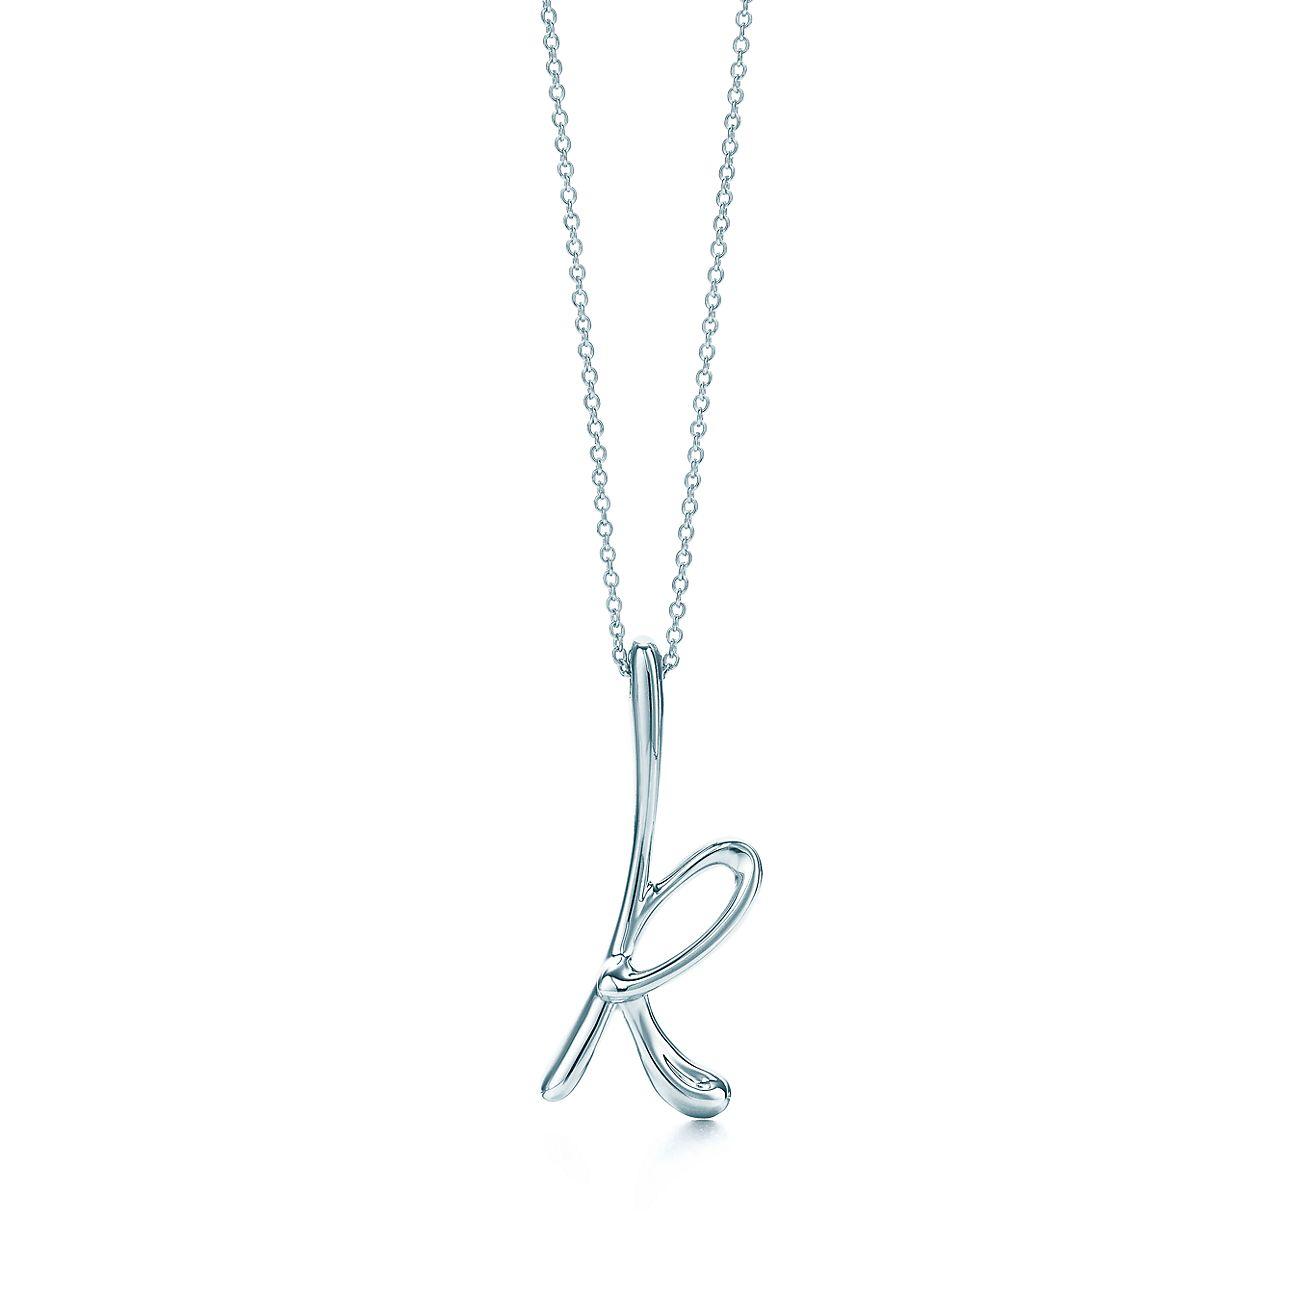 Elsa Peretti letter O pendant in sterling silver, small - Size O Tiffany & Co.